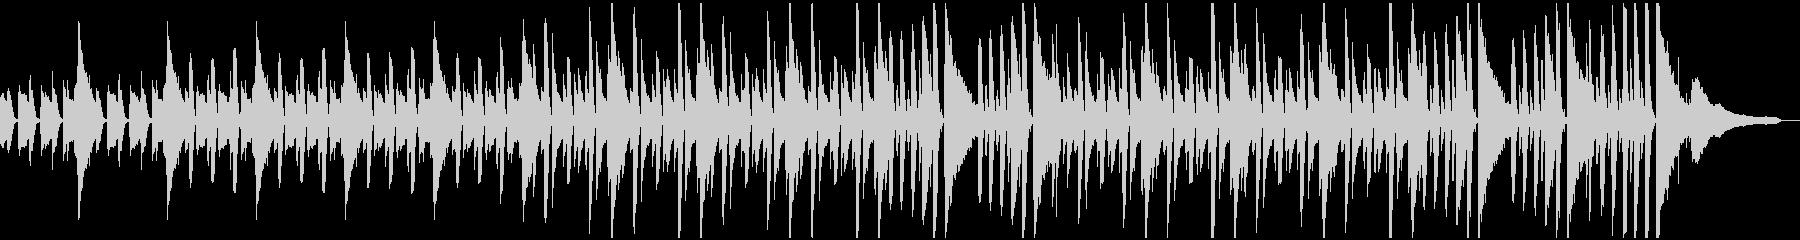 ほのぼのリズムのやさしいBGMの未再生の波形